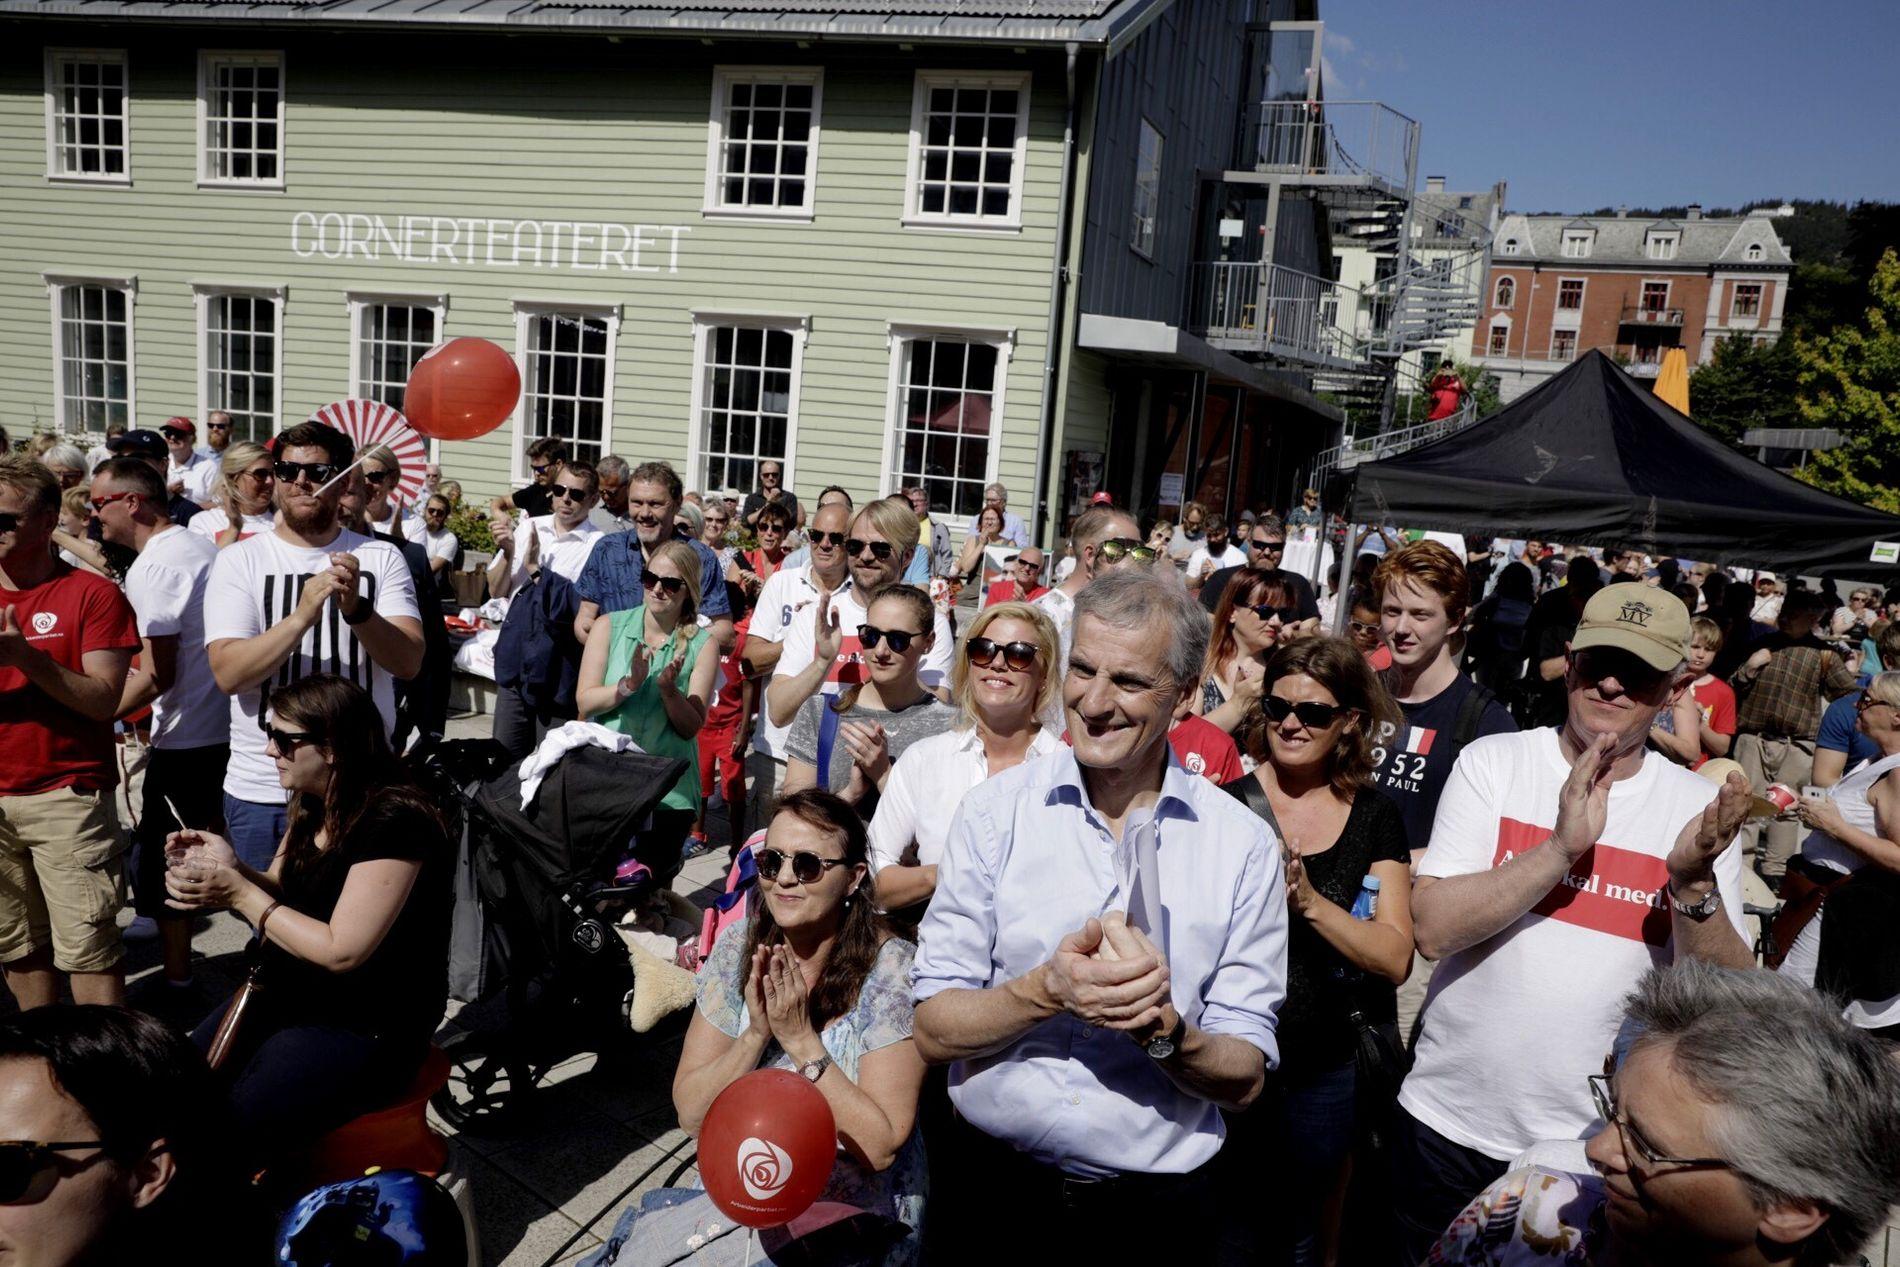 FESTIVALSTEMNING: Arbeiderpartiets valgkampåpning bød på musikk, mat og underholdning.